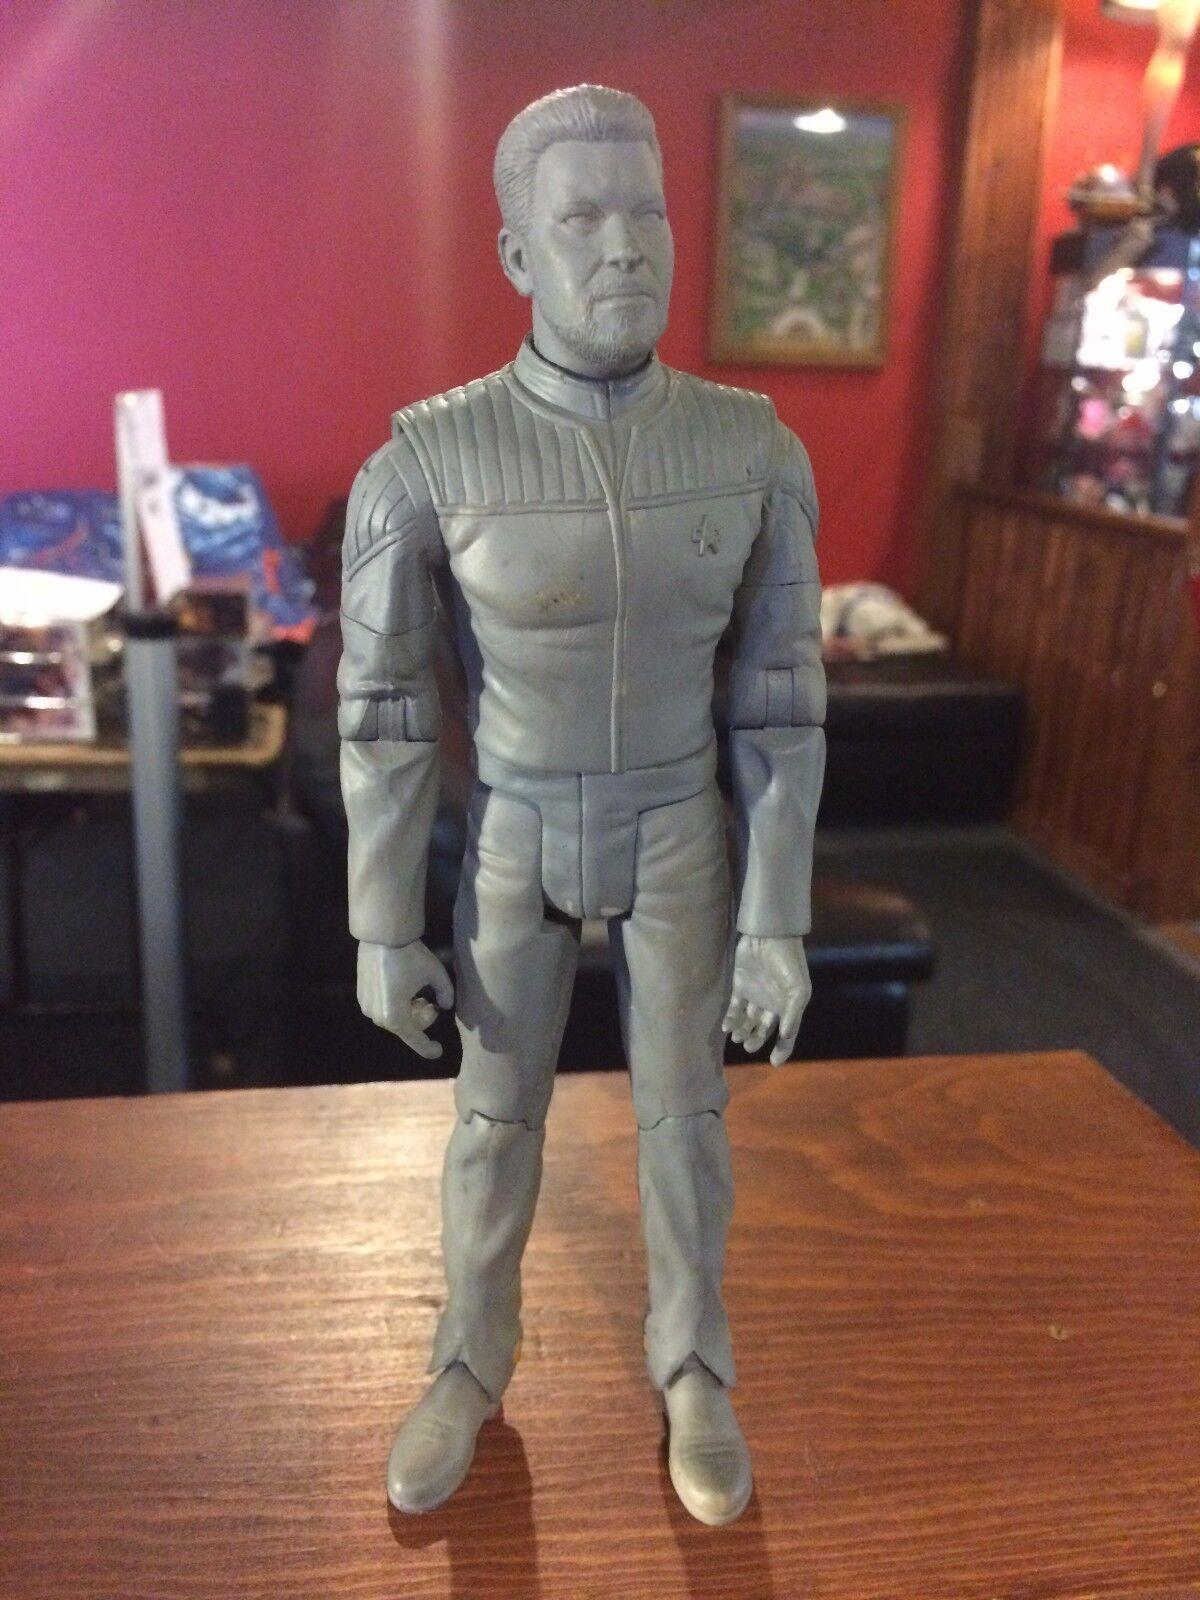 tienda en linea Projootipo de prueba de disparo Figura Estrella Trek Trek Trek Riker Nemesis película 7.5  pulgadas típico 7  genuina alta calidad